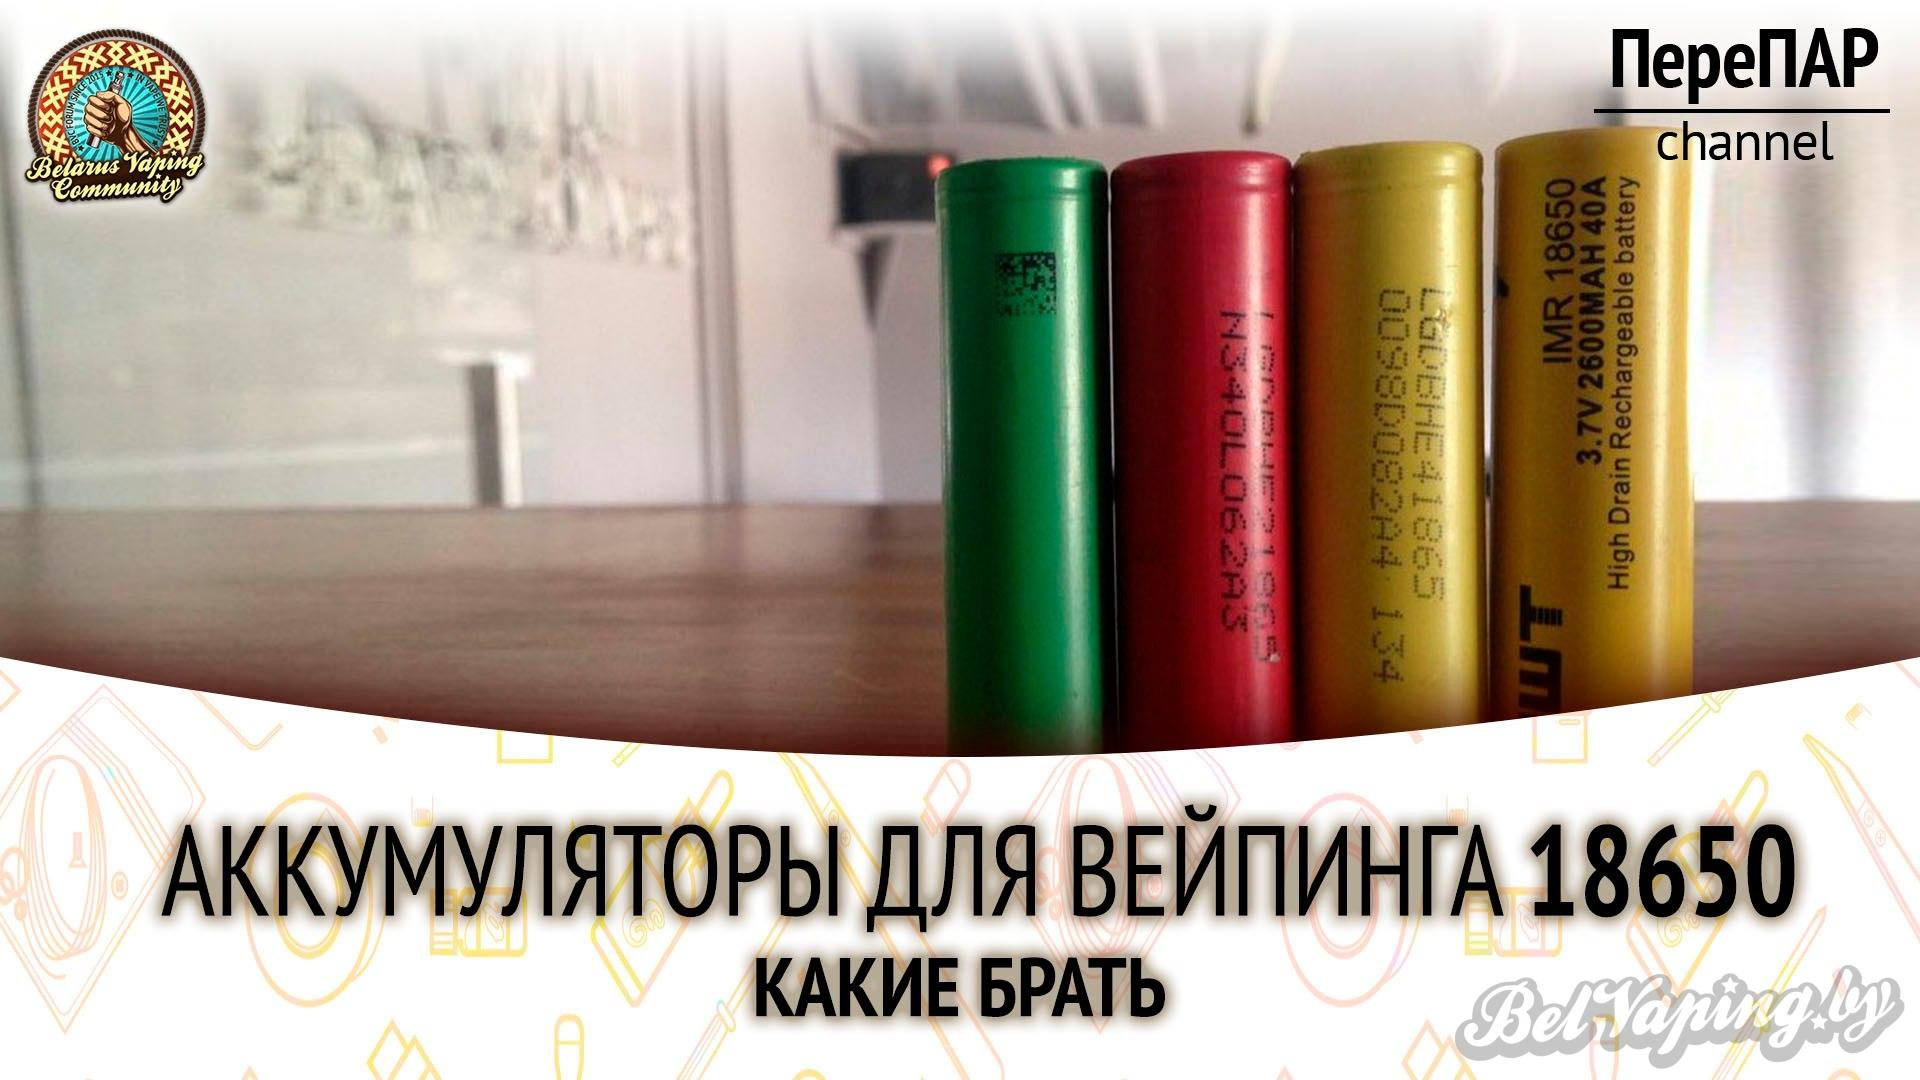 Аккумуляторы для вейпинга 18650. Какие брать